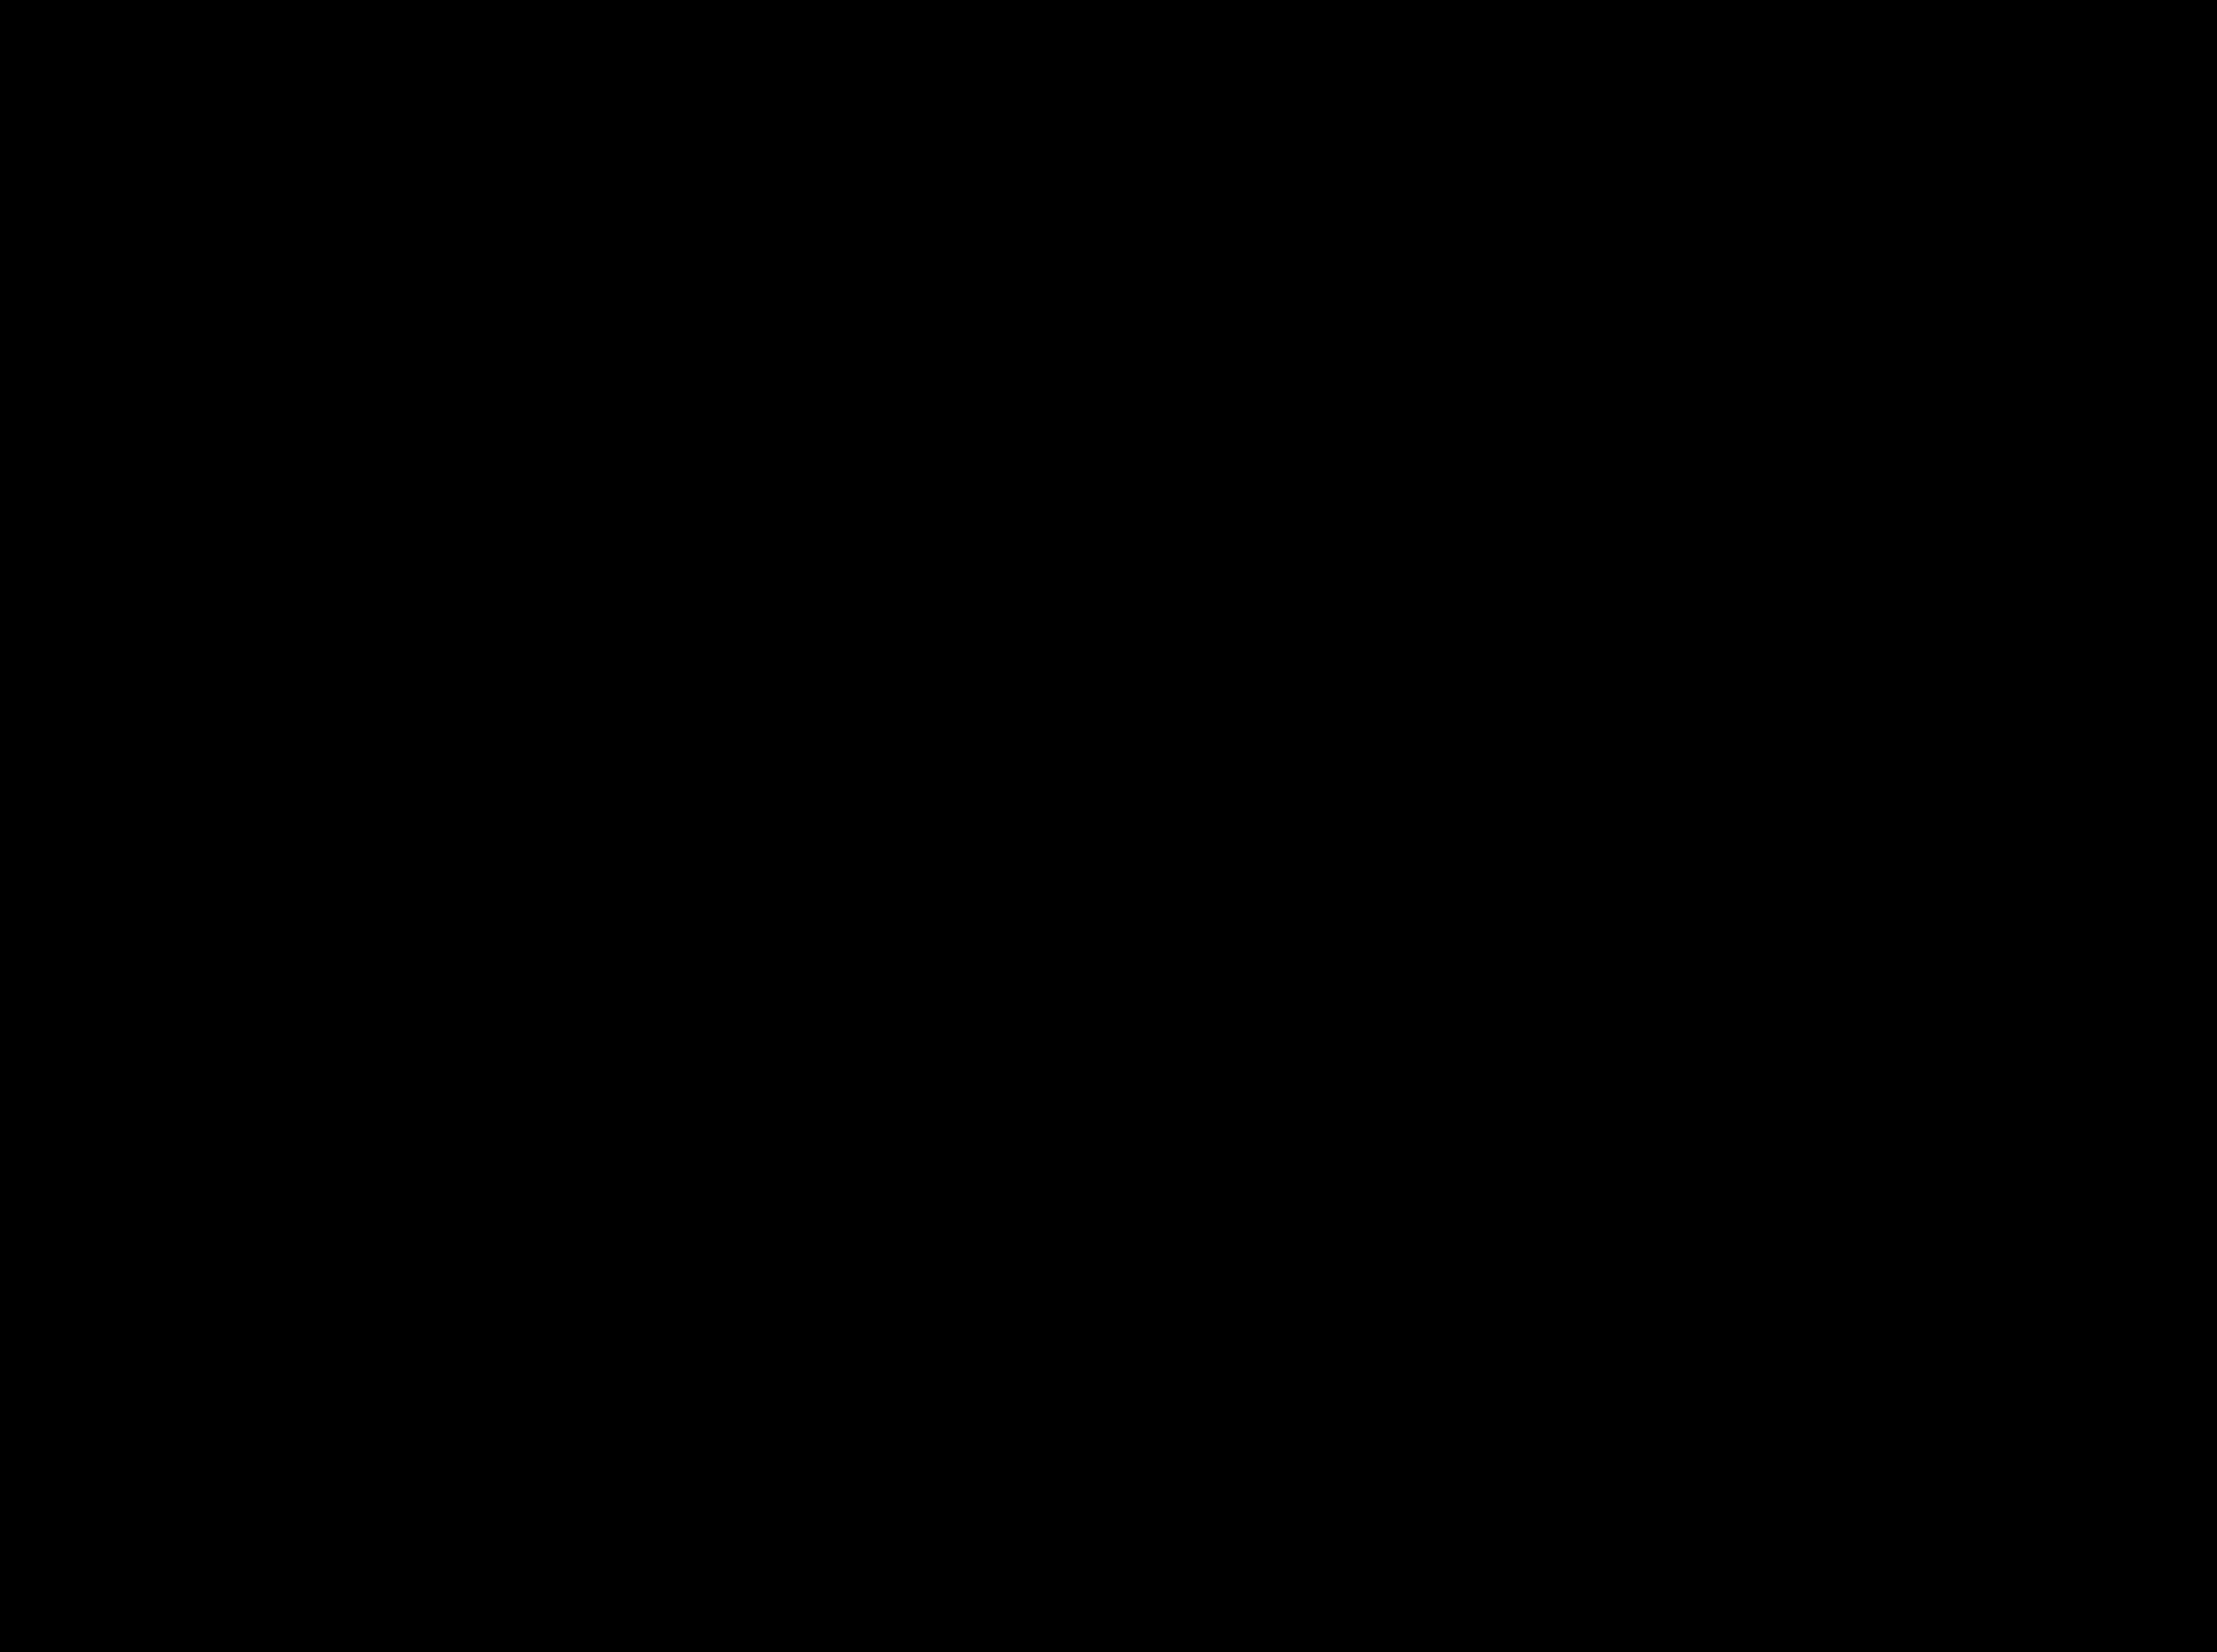 Index Of MGermanmapsindexsheets - Germany map 1940